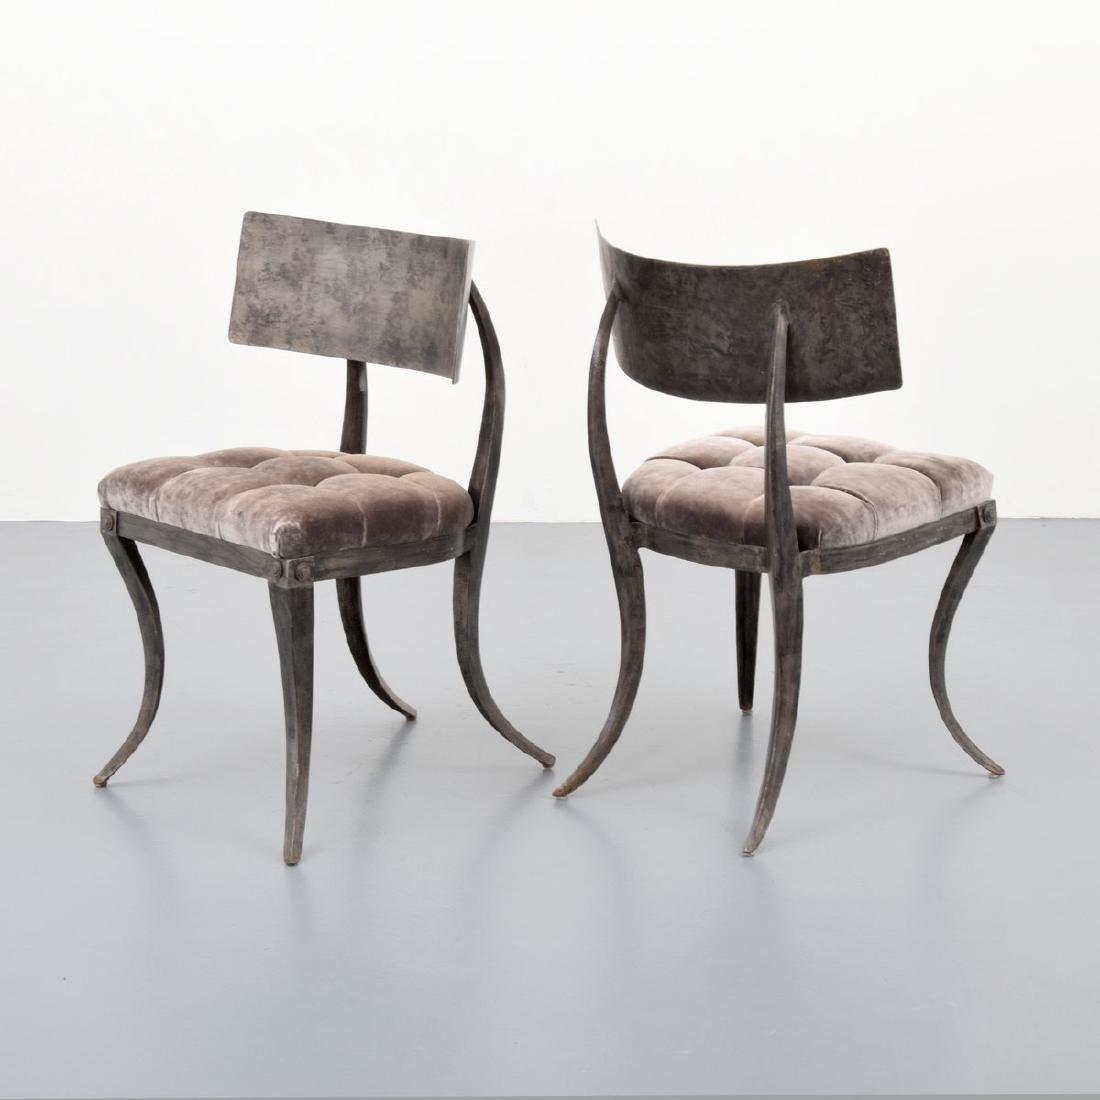 4 Klismos Chairs, Manner of T.H. Robsjohn-Gibbings - 5